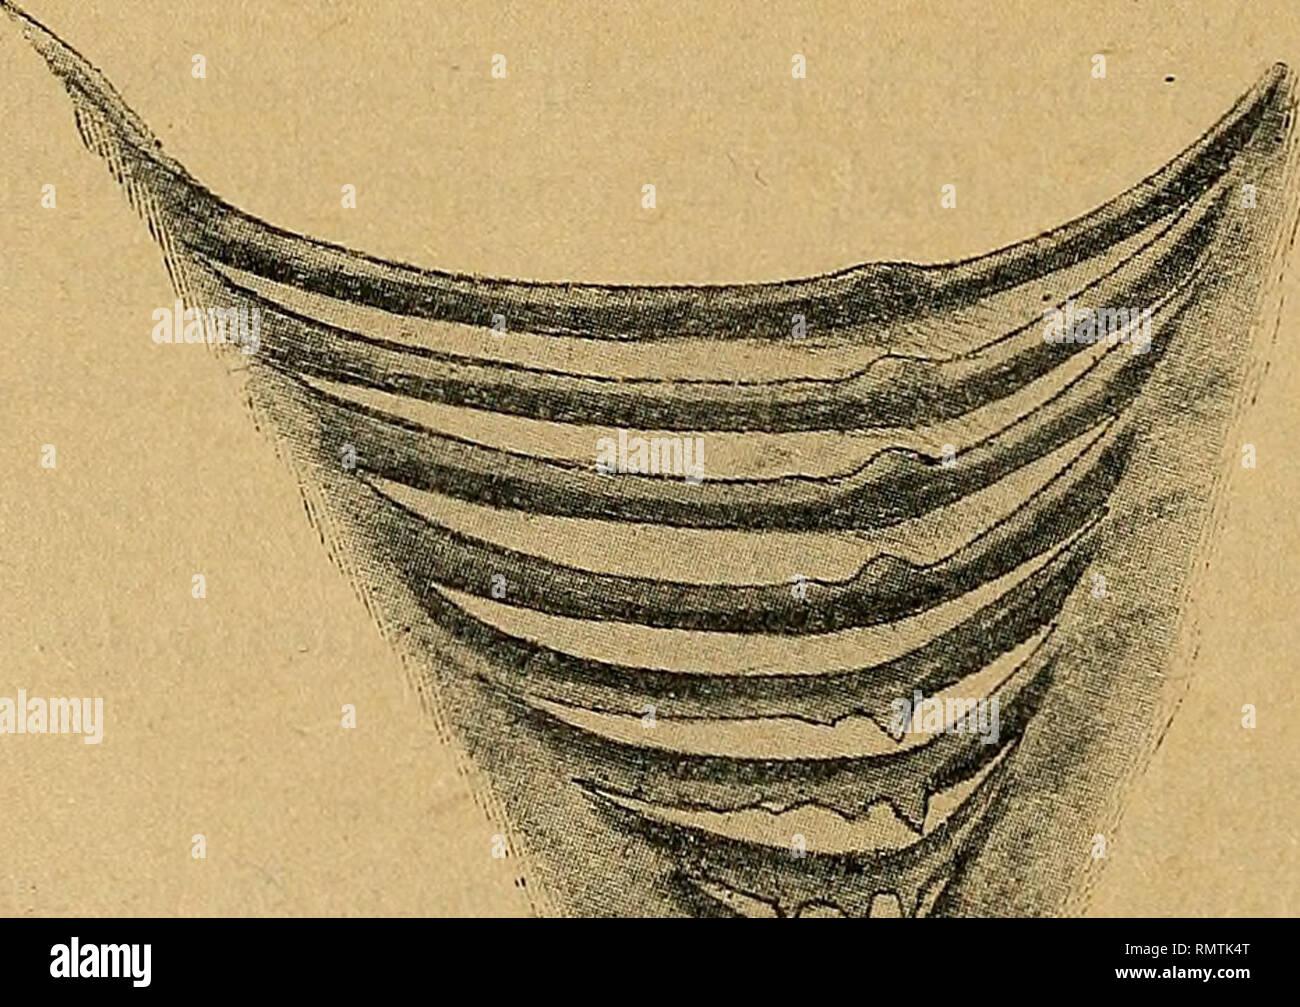 . Annali del Museo civico di Storia Naturale Giacomo Doria. Storia naturale. 274 D. VINCIGUERRA che neir'Echinorhinus e negli Hexanchus, Acanthias, Scyllium, Squalus e Chimera in cui erano già conosciute, anche nei generi Heptanchus, Scymnus, Spinace, Centrophorus, Centrino., Oxyrhina e Lamna, mentre le ho trovate assenti o tutt'al più appena accennate tendere Pristiurus, Alopecias, Galeus, Mustelus, Sphyrna e Squatina, constatando nelle razze sugli archi crusche- chiali la presenza di piccoli dentelli che non meritano però il nome di vere appendici. Non credo privo di intèresse riassumere il risult Immagini Stock